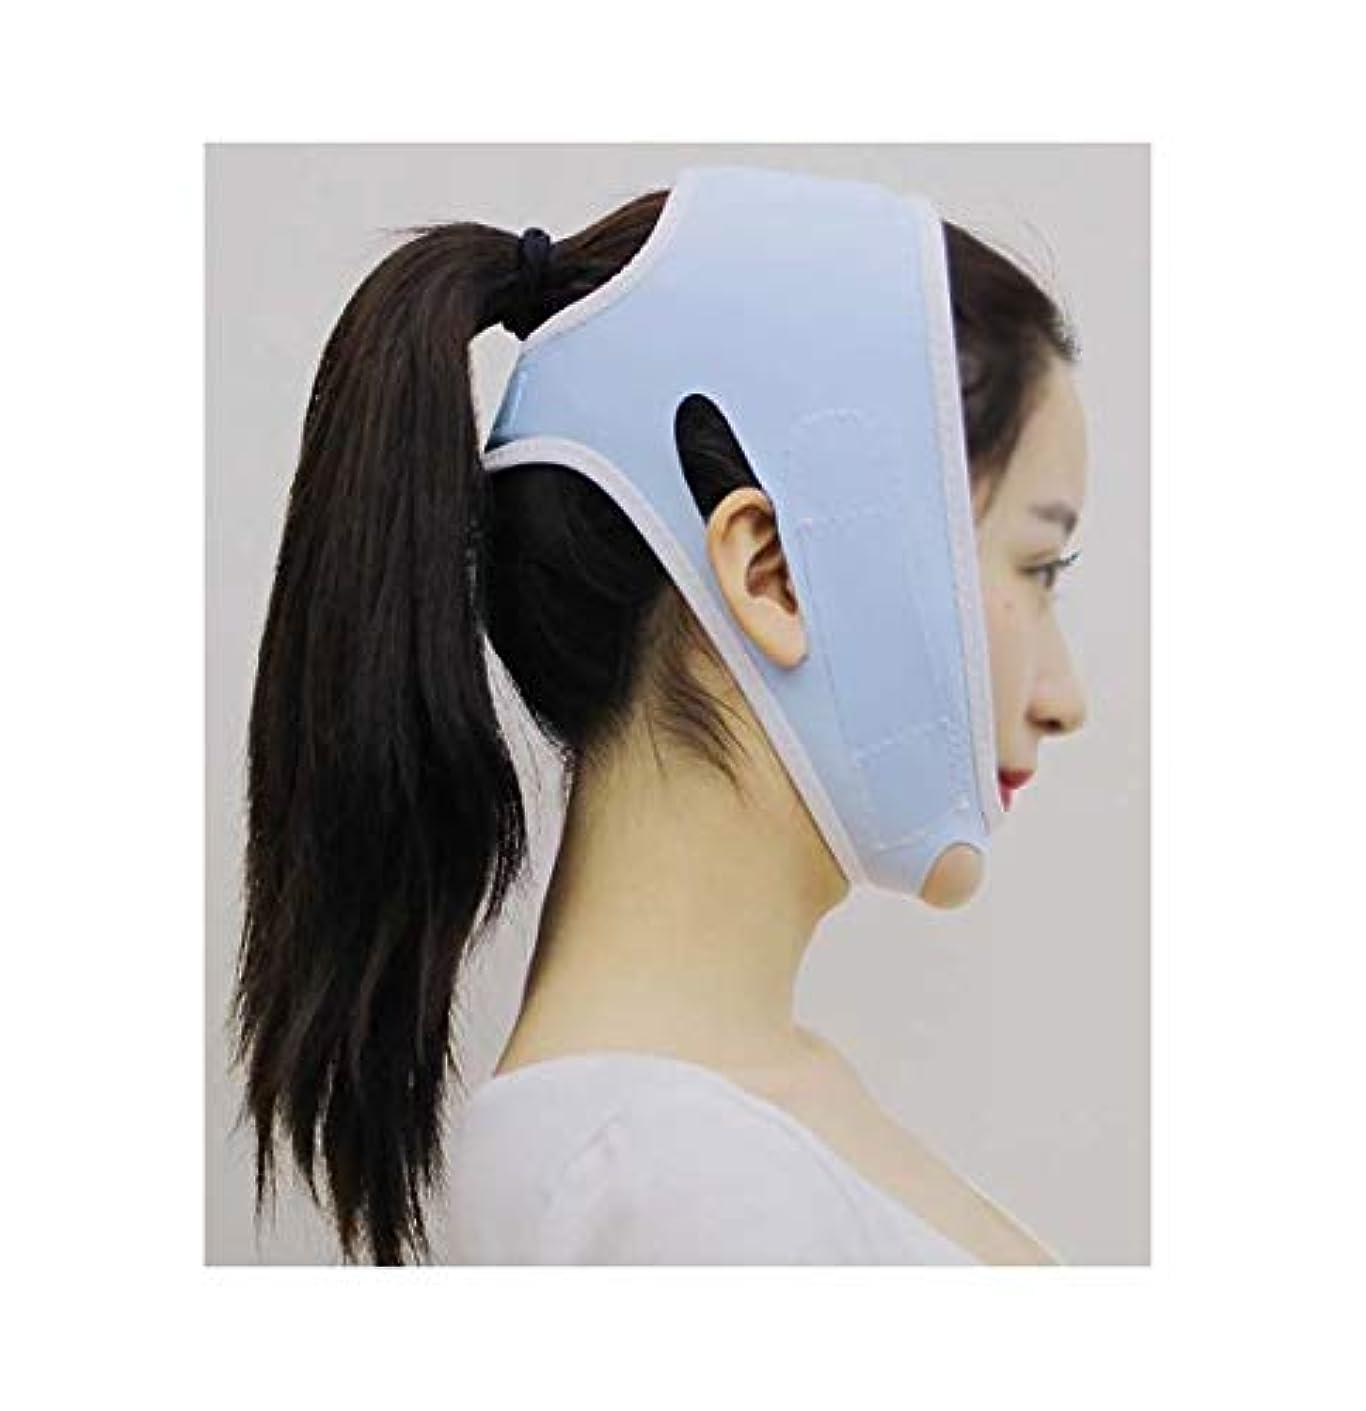 スケルトンロープ遅いTLMY 包帯ヘッドギアマスクの顔Vの顔の薄い顔のアーティファクトプラスチック美容ゴムバンドフェイスリフトネックリフト後薄い顔マスクあごベルトの回復 顔用整形マスク (Color : Blue)